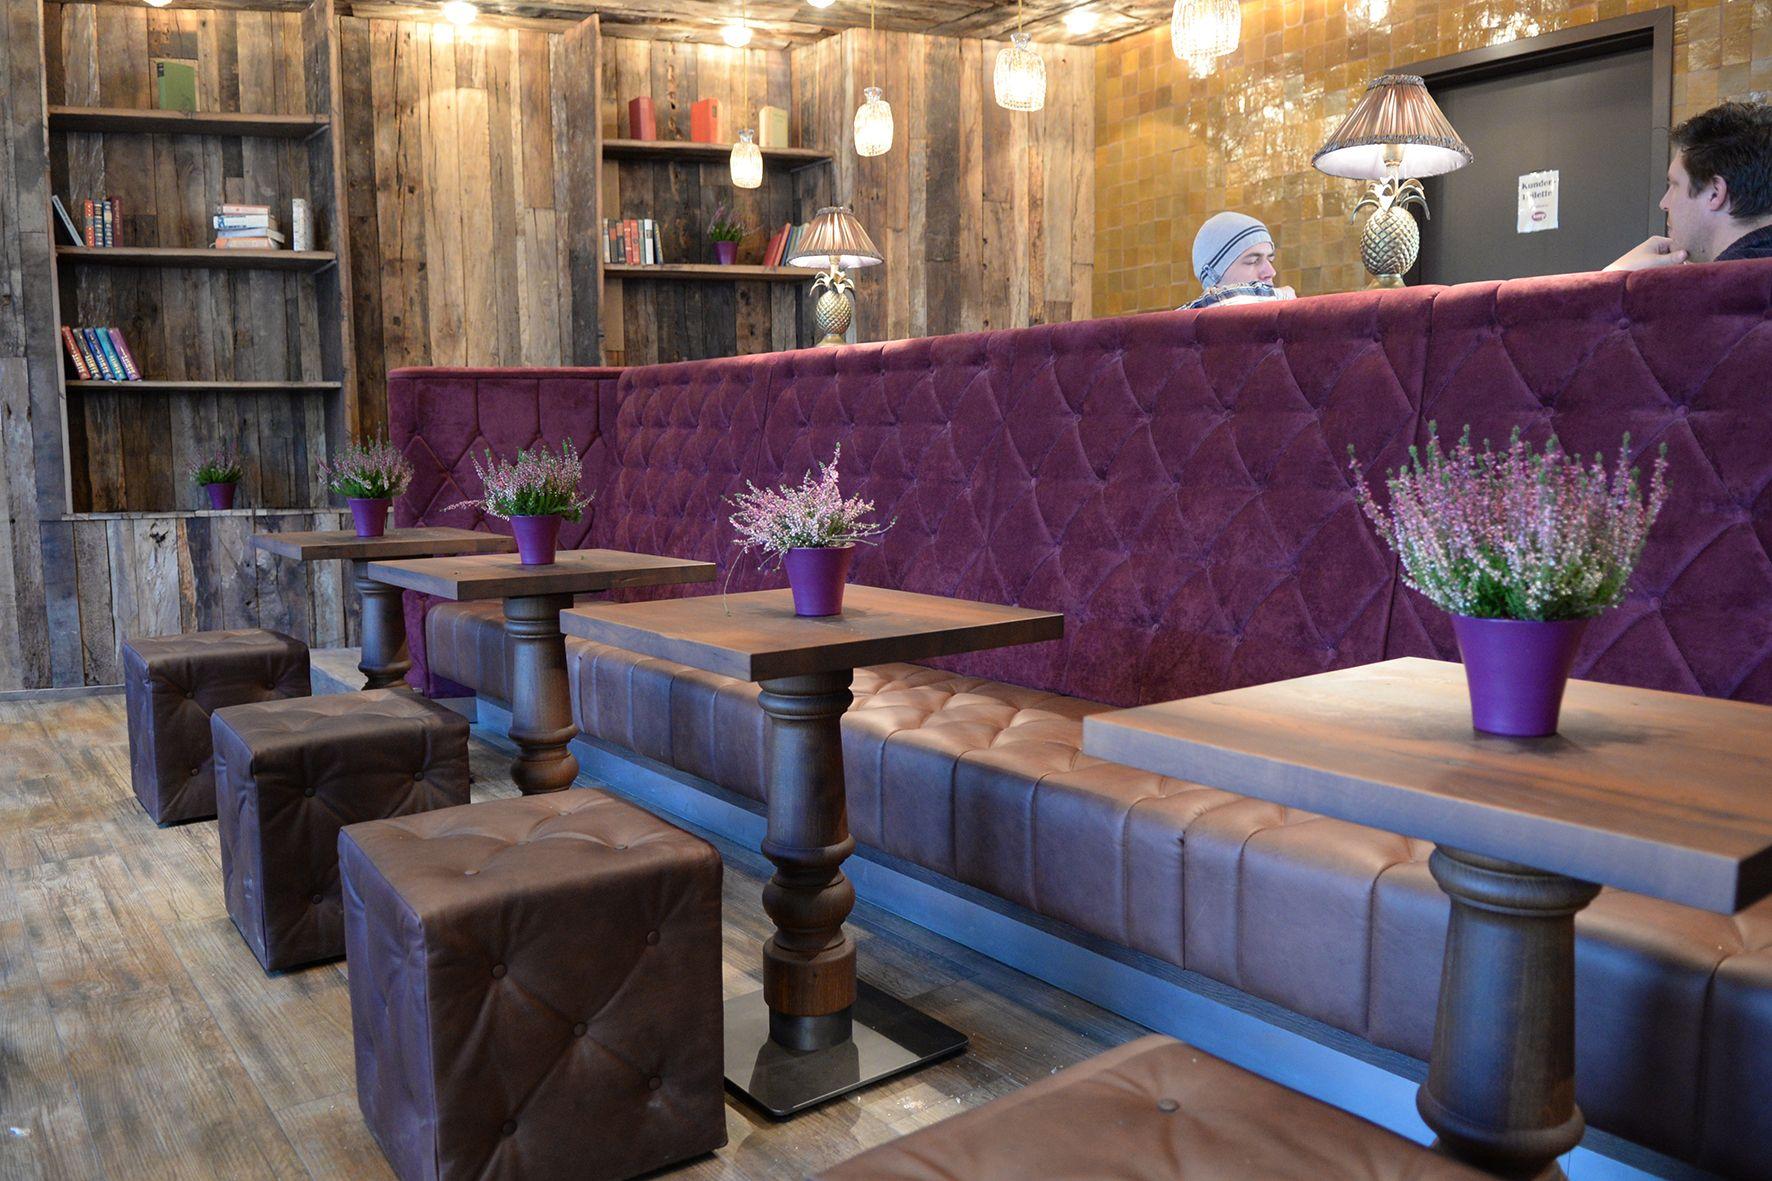 Ambiente mit viel Altholz Kuschelig plschig mit Lounge Charakter so prsentiert sich diese